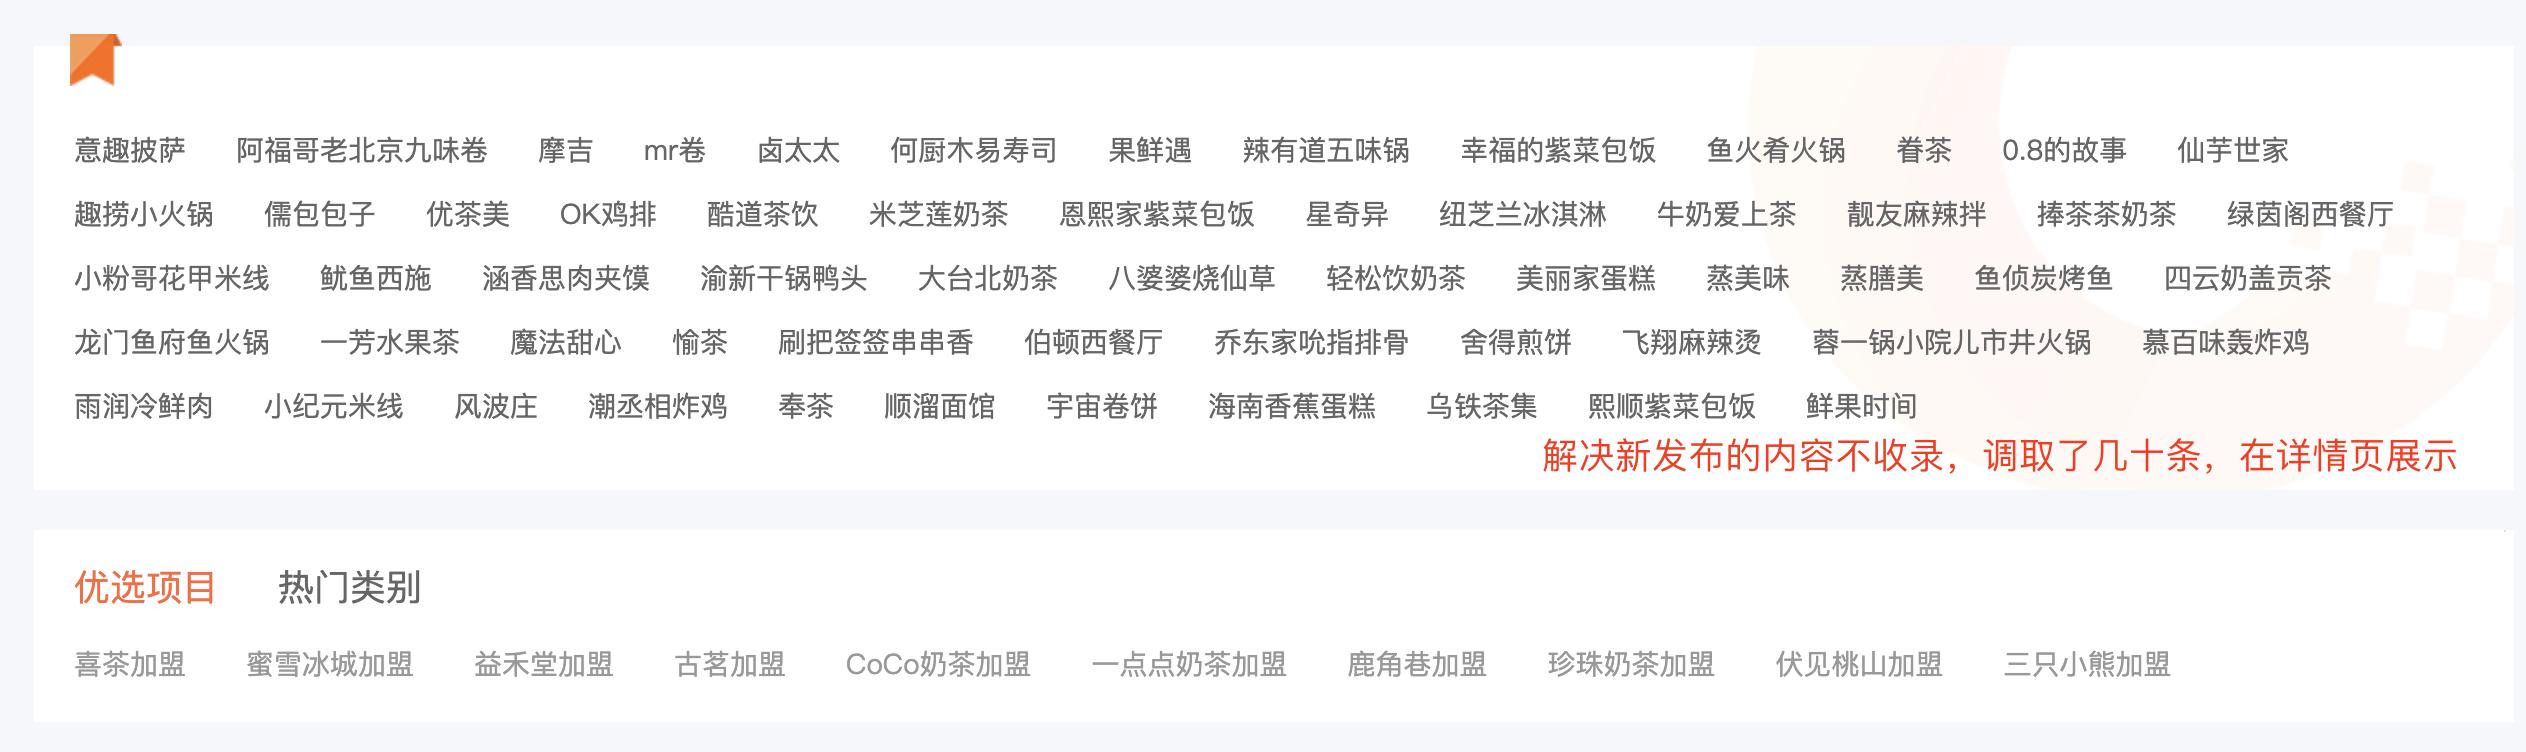 某网站增加了解决收录问题的链接策略示例图